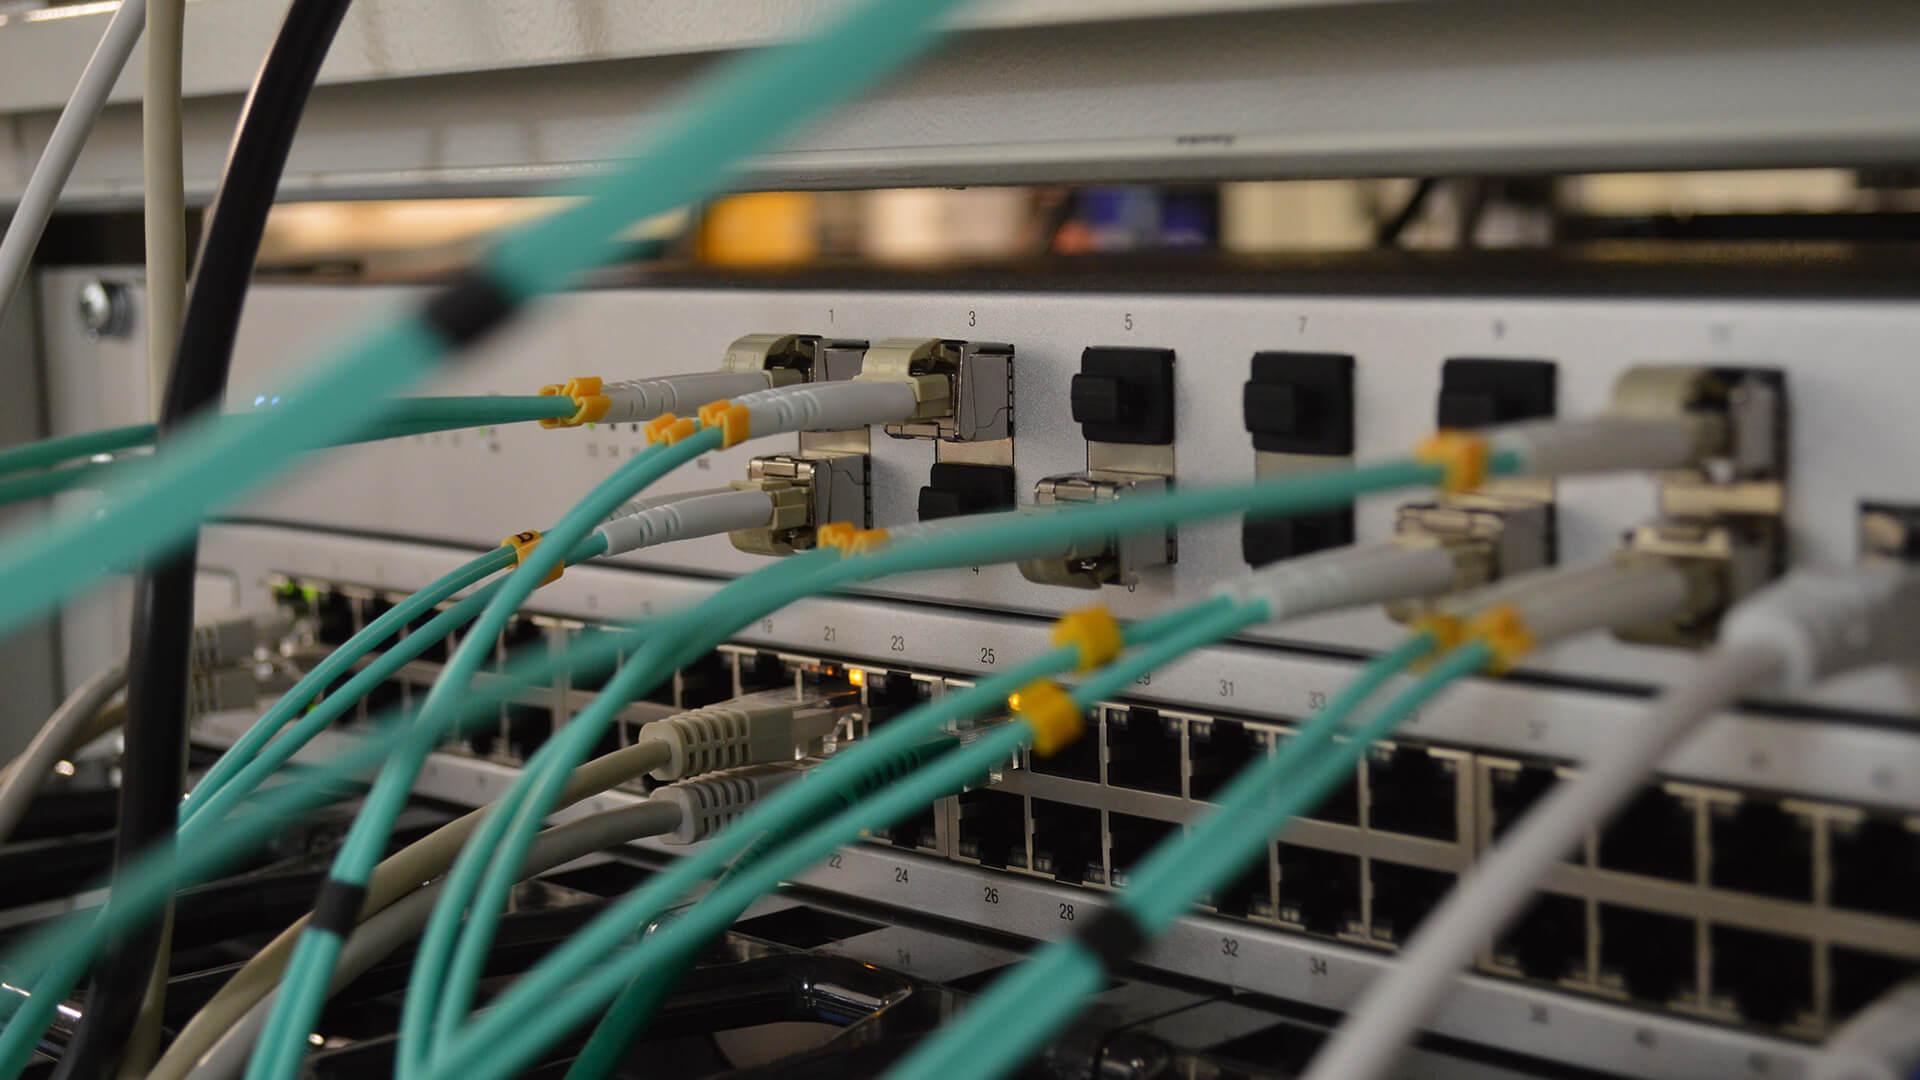 Održavanje računalne mreže - Info AM